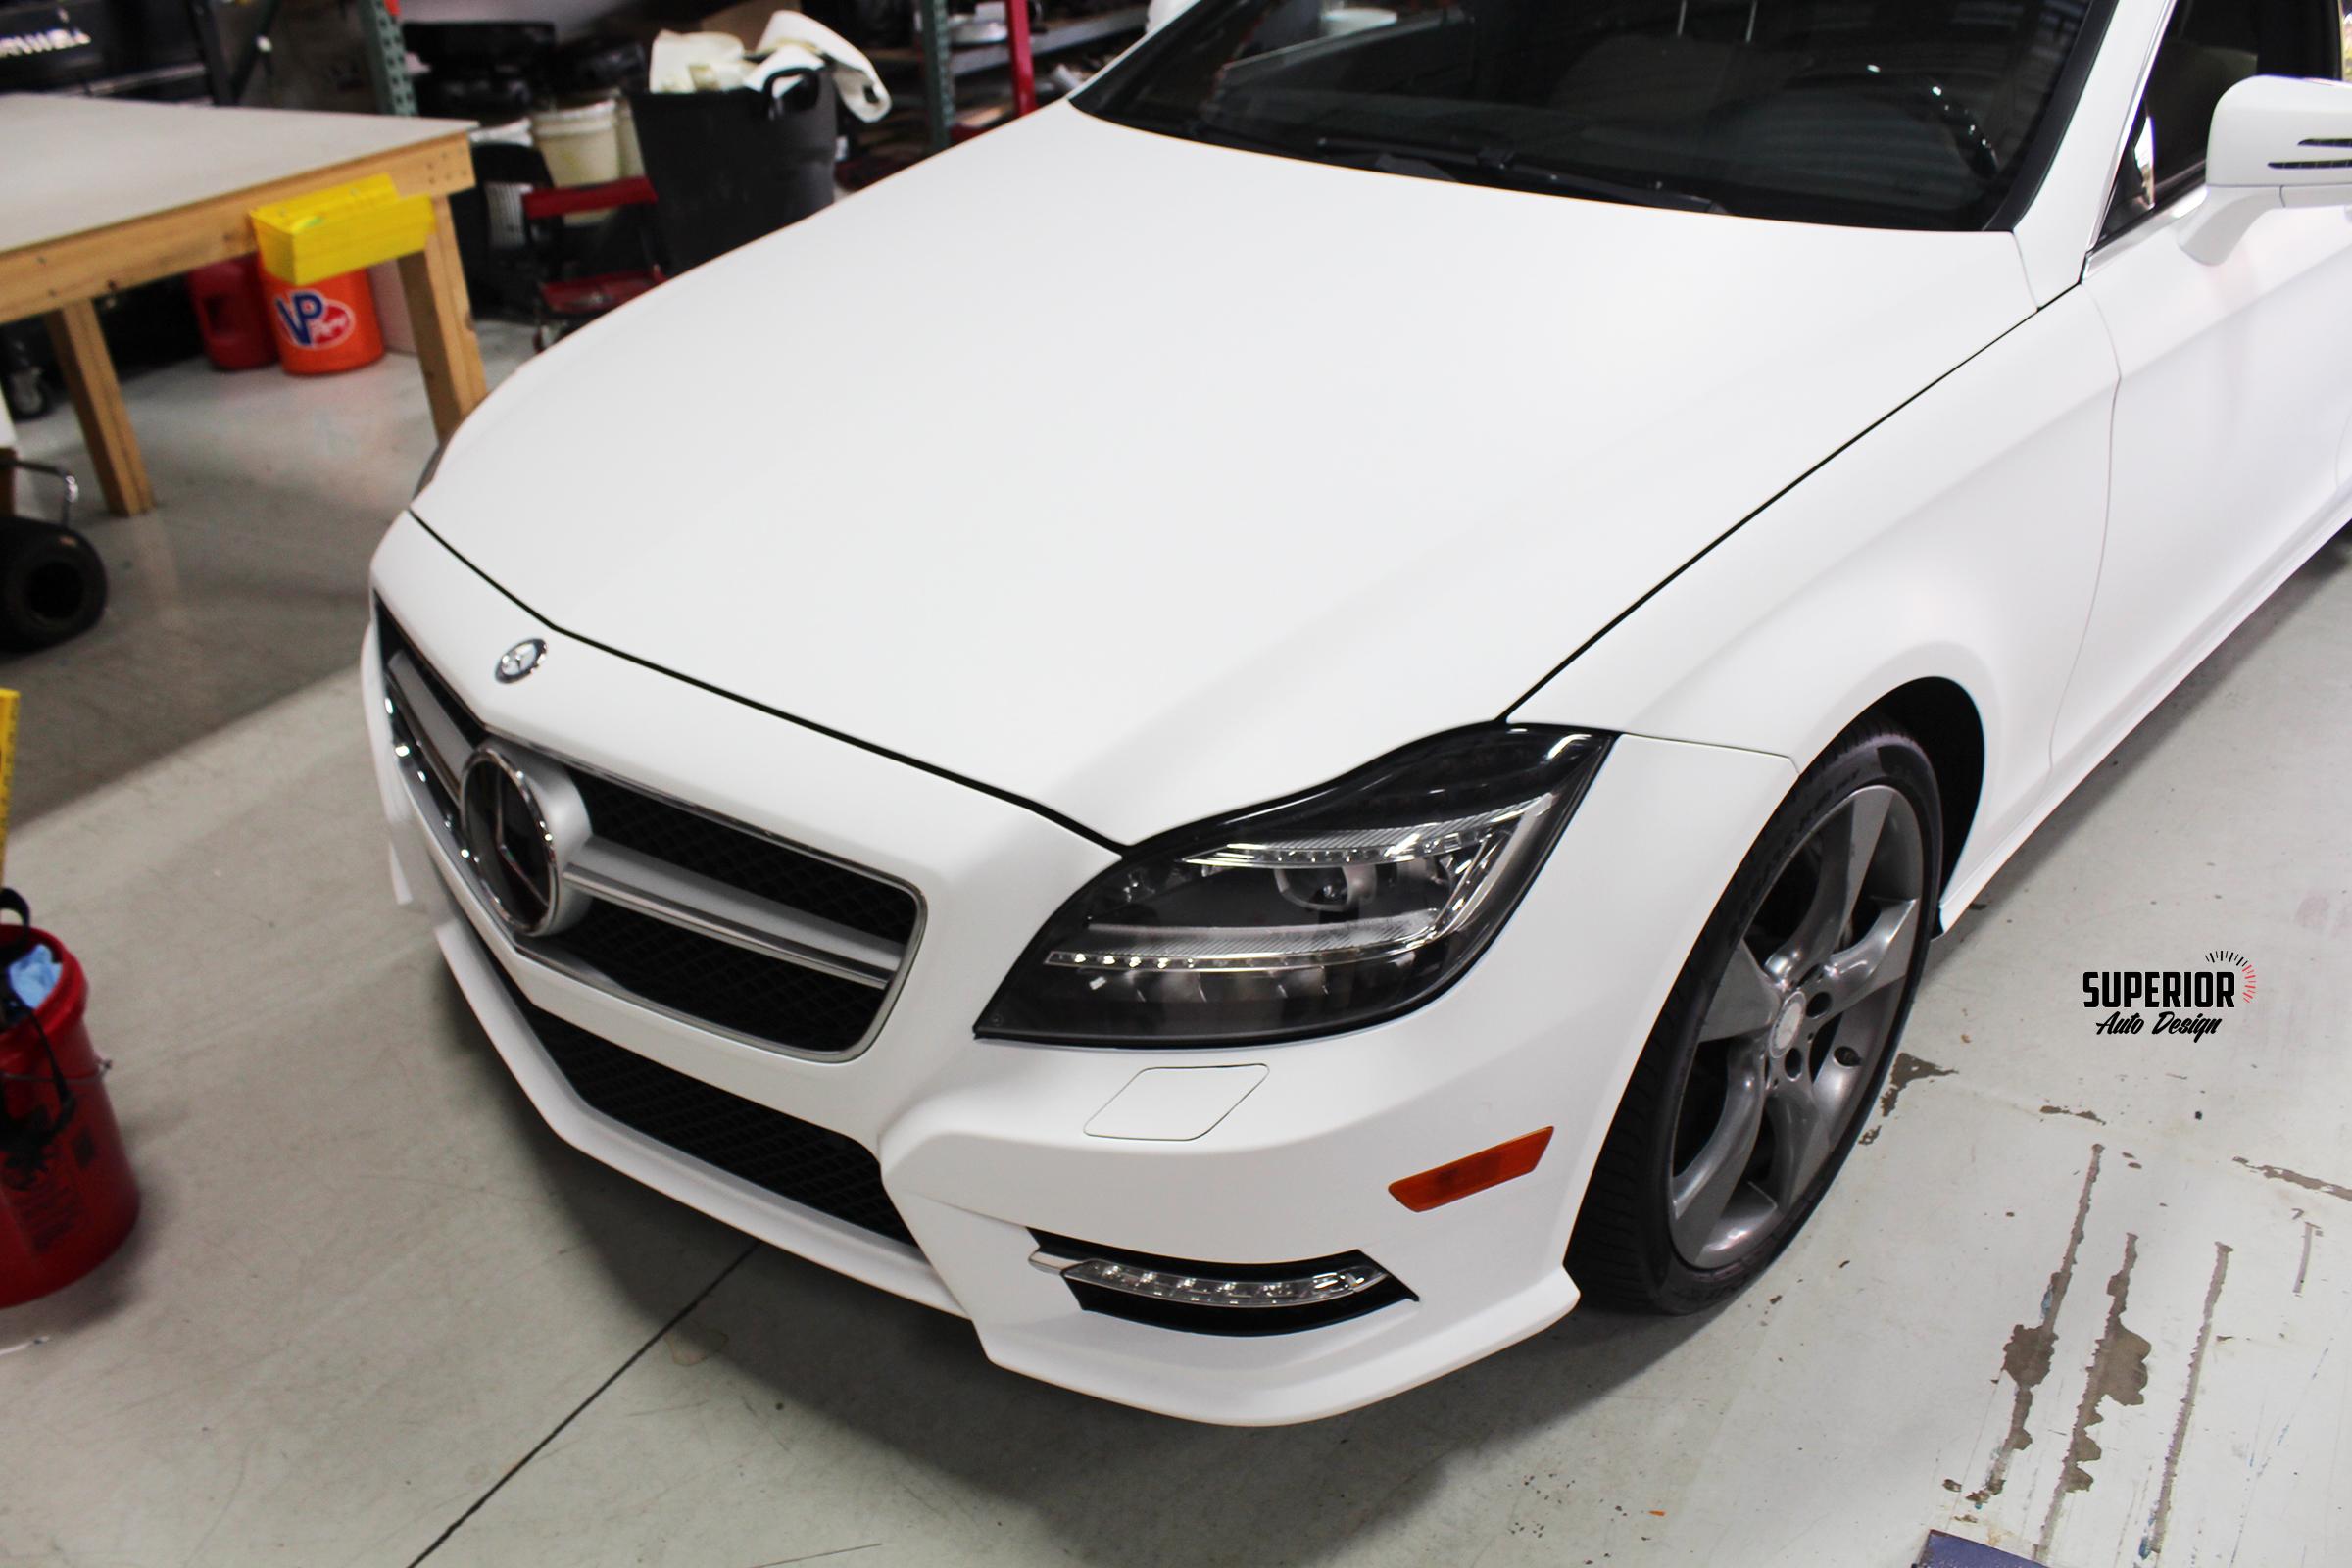 cls-550-superior-auto-design-1